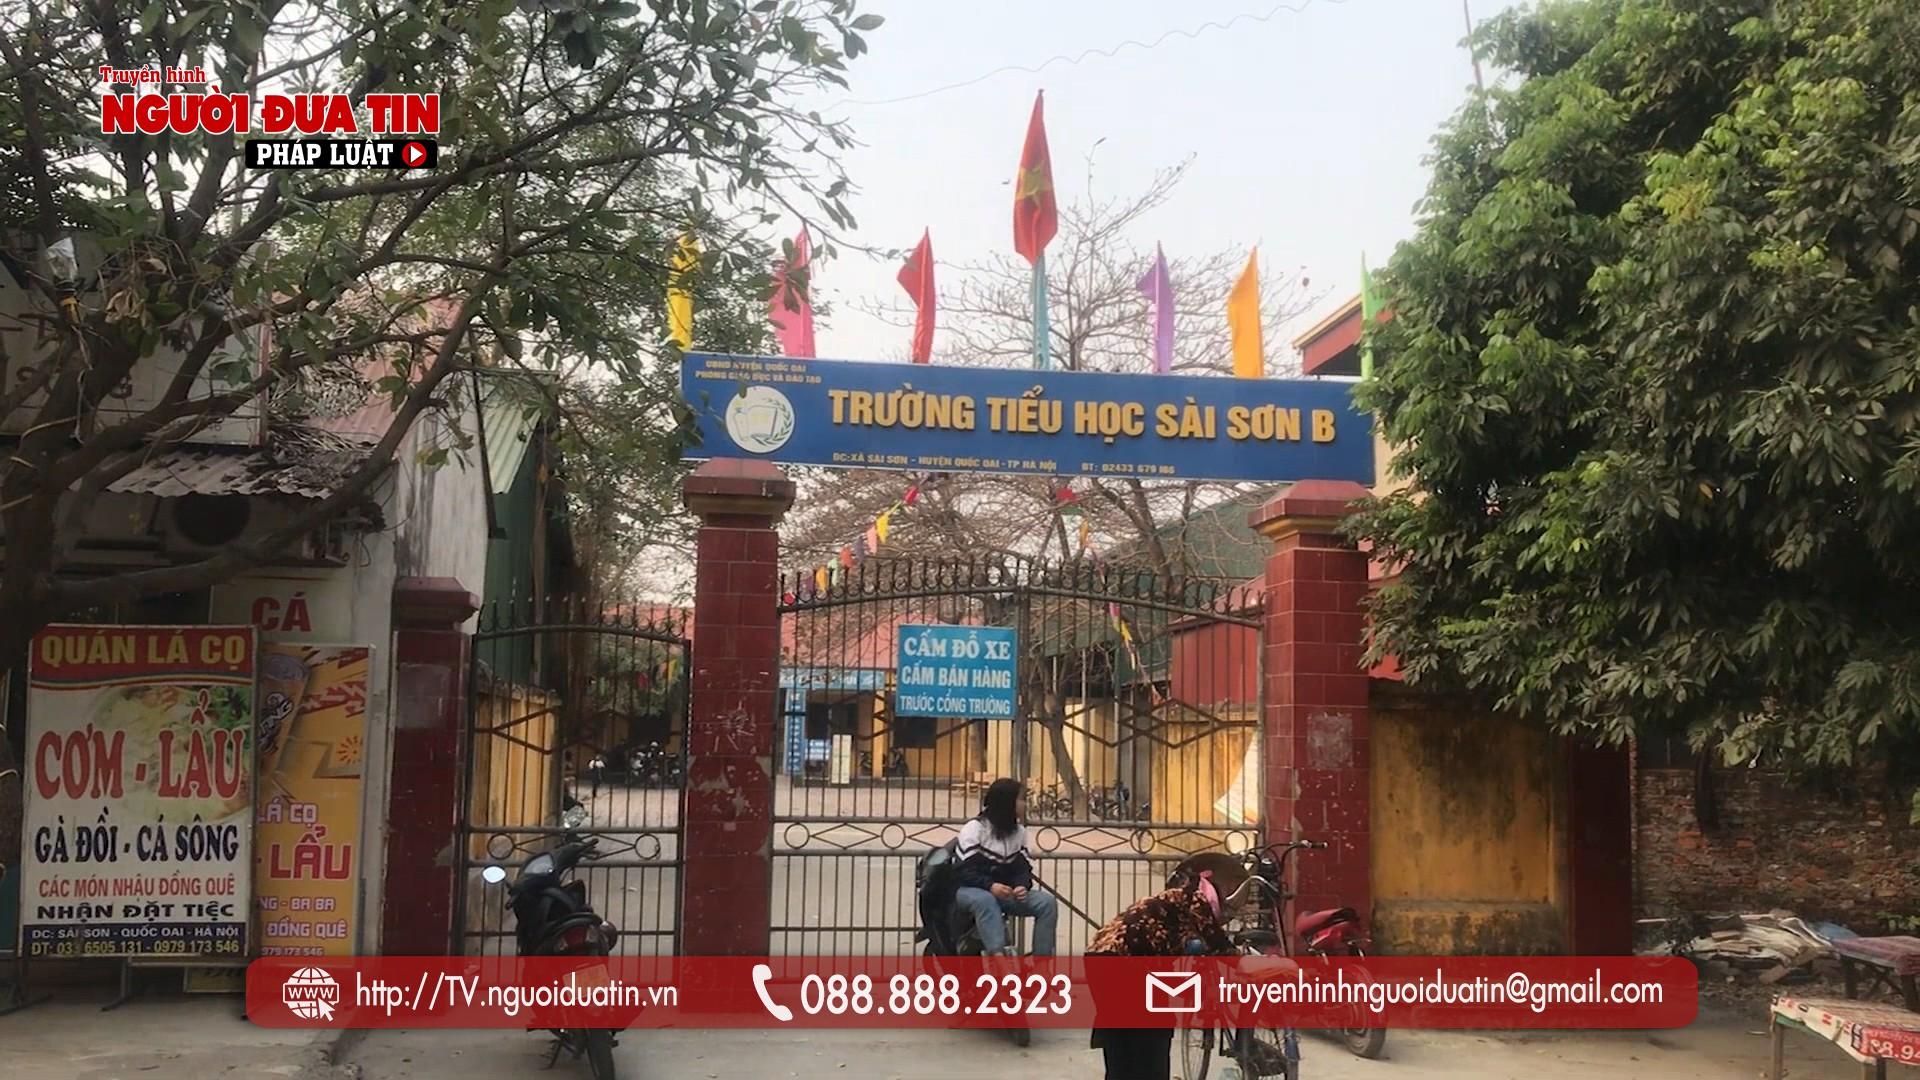 Chống tiêu cực, hai giáo viên ở Hà Nội kêu cứu vì bị cấp trên trù dập - Ảnh 4.